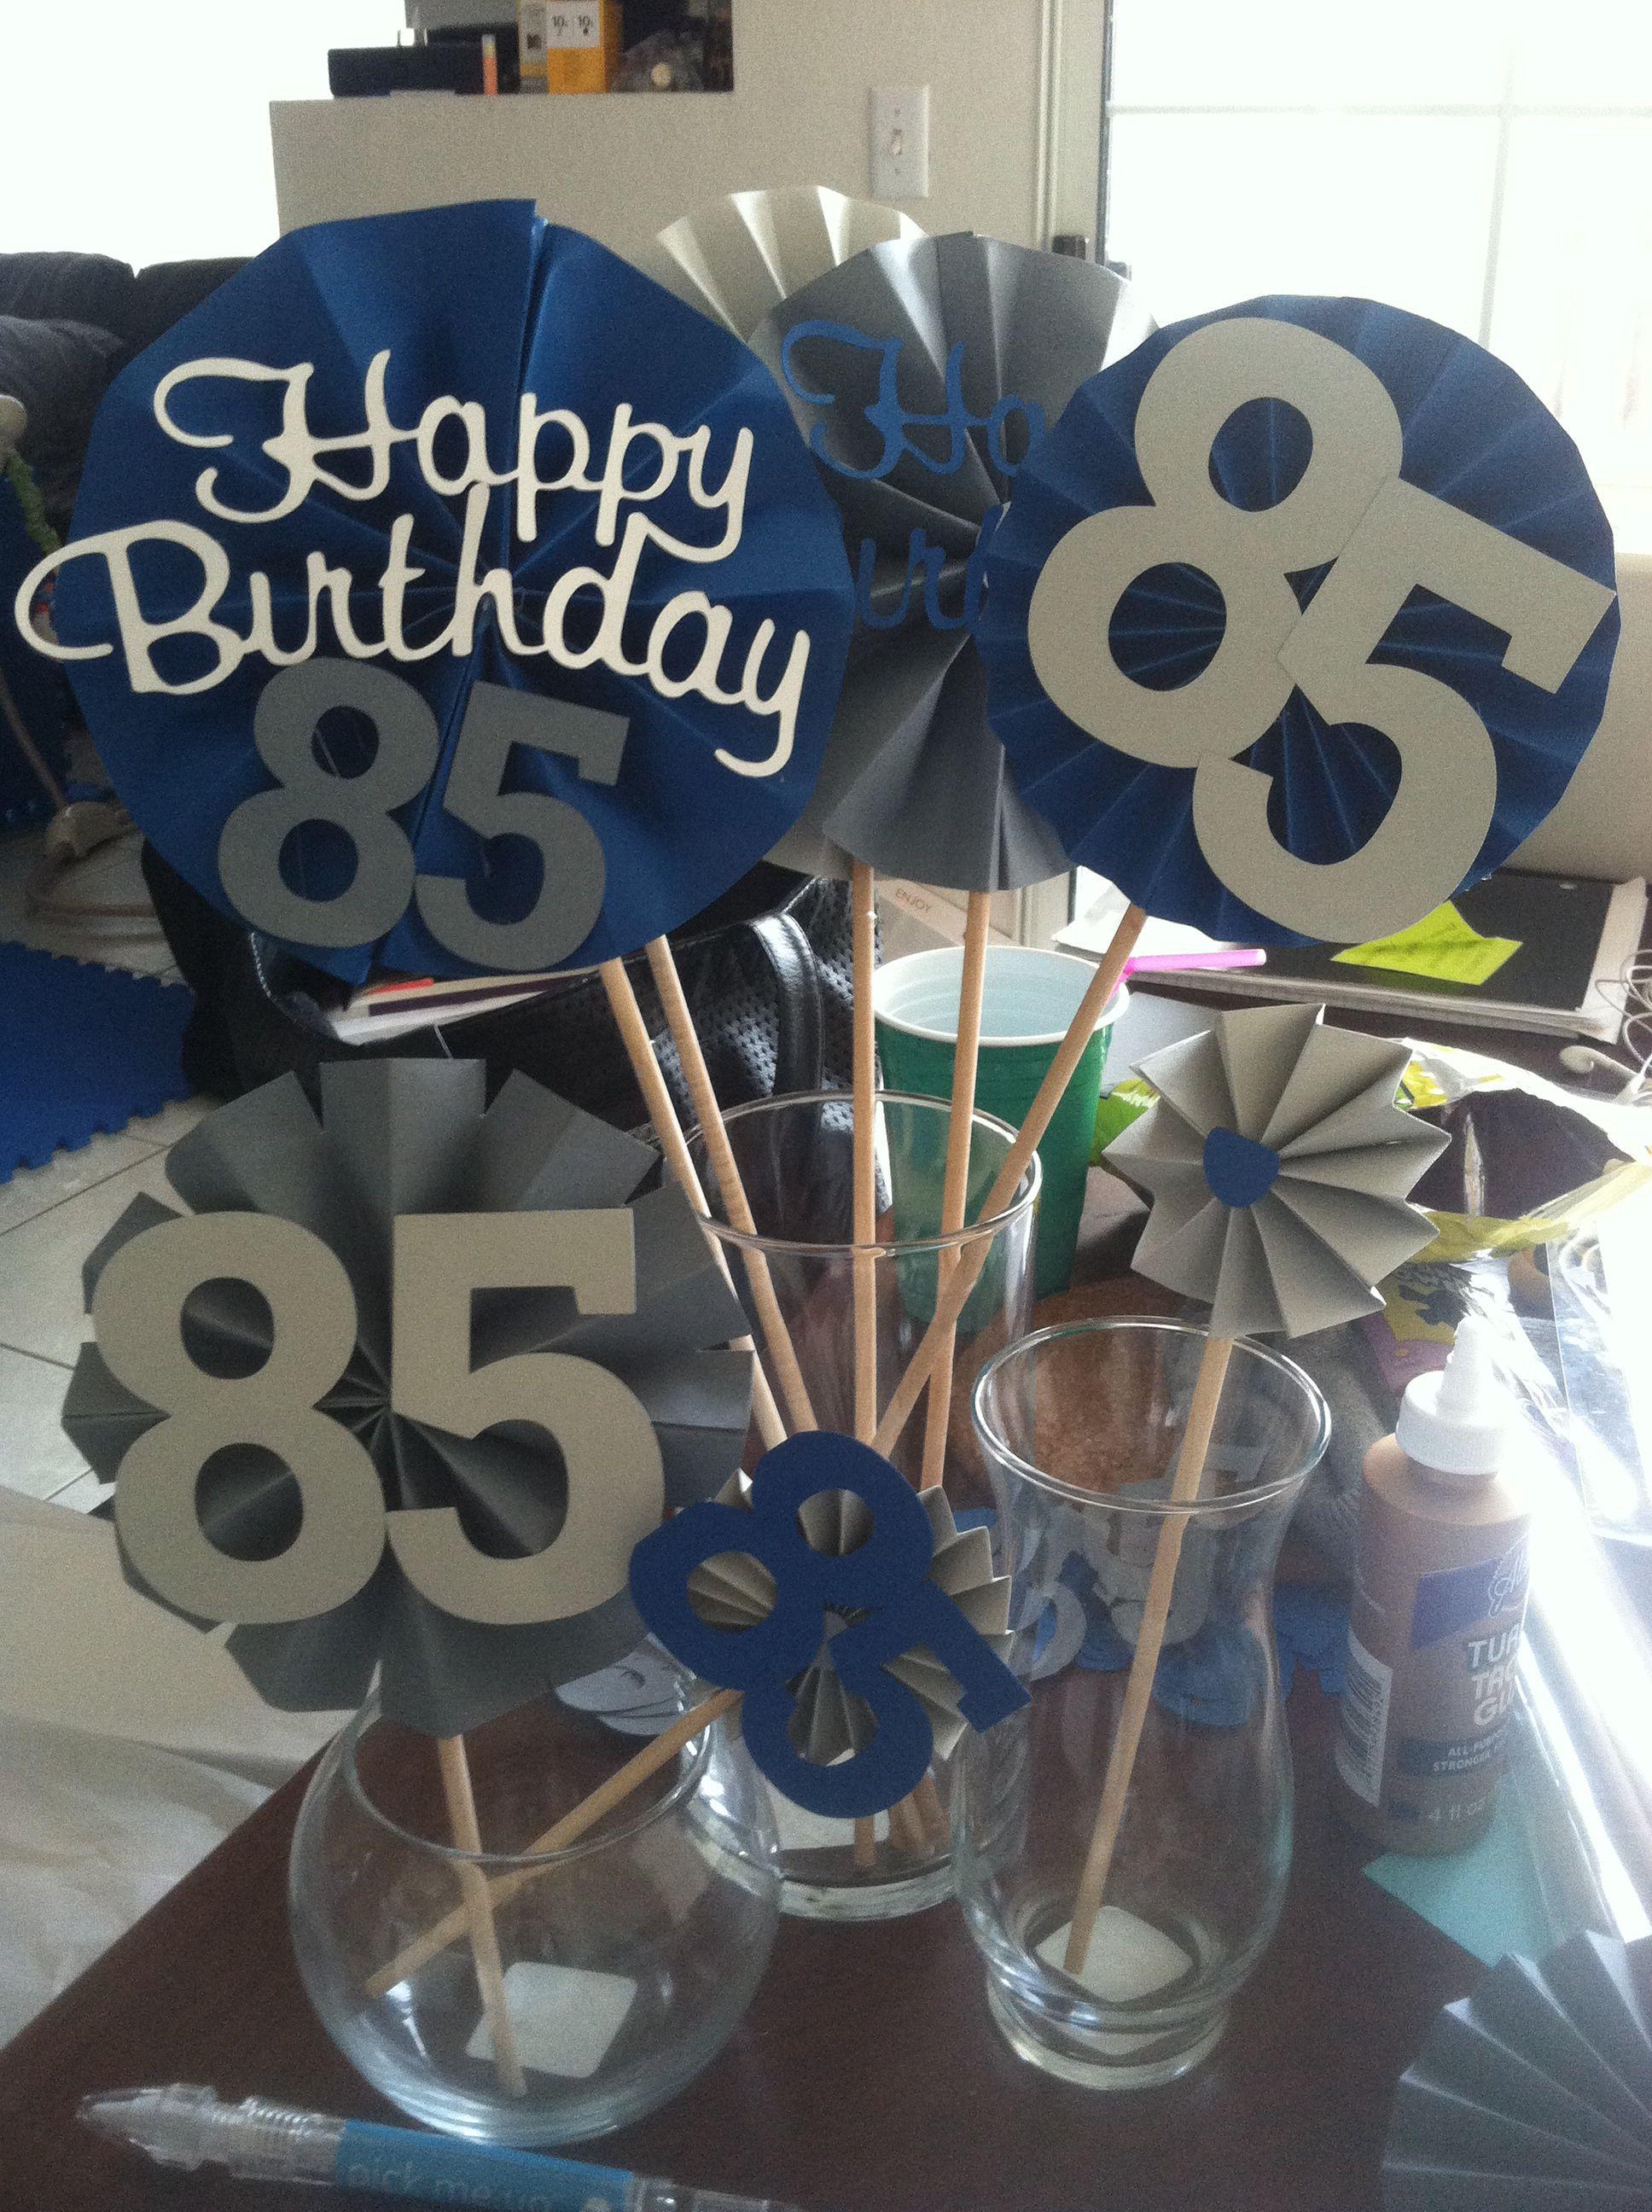 Grandpas 85th birthday easypeasybynoeeazy pinterest for 75th birthday decoration